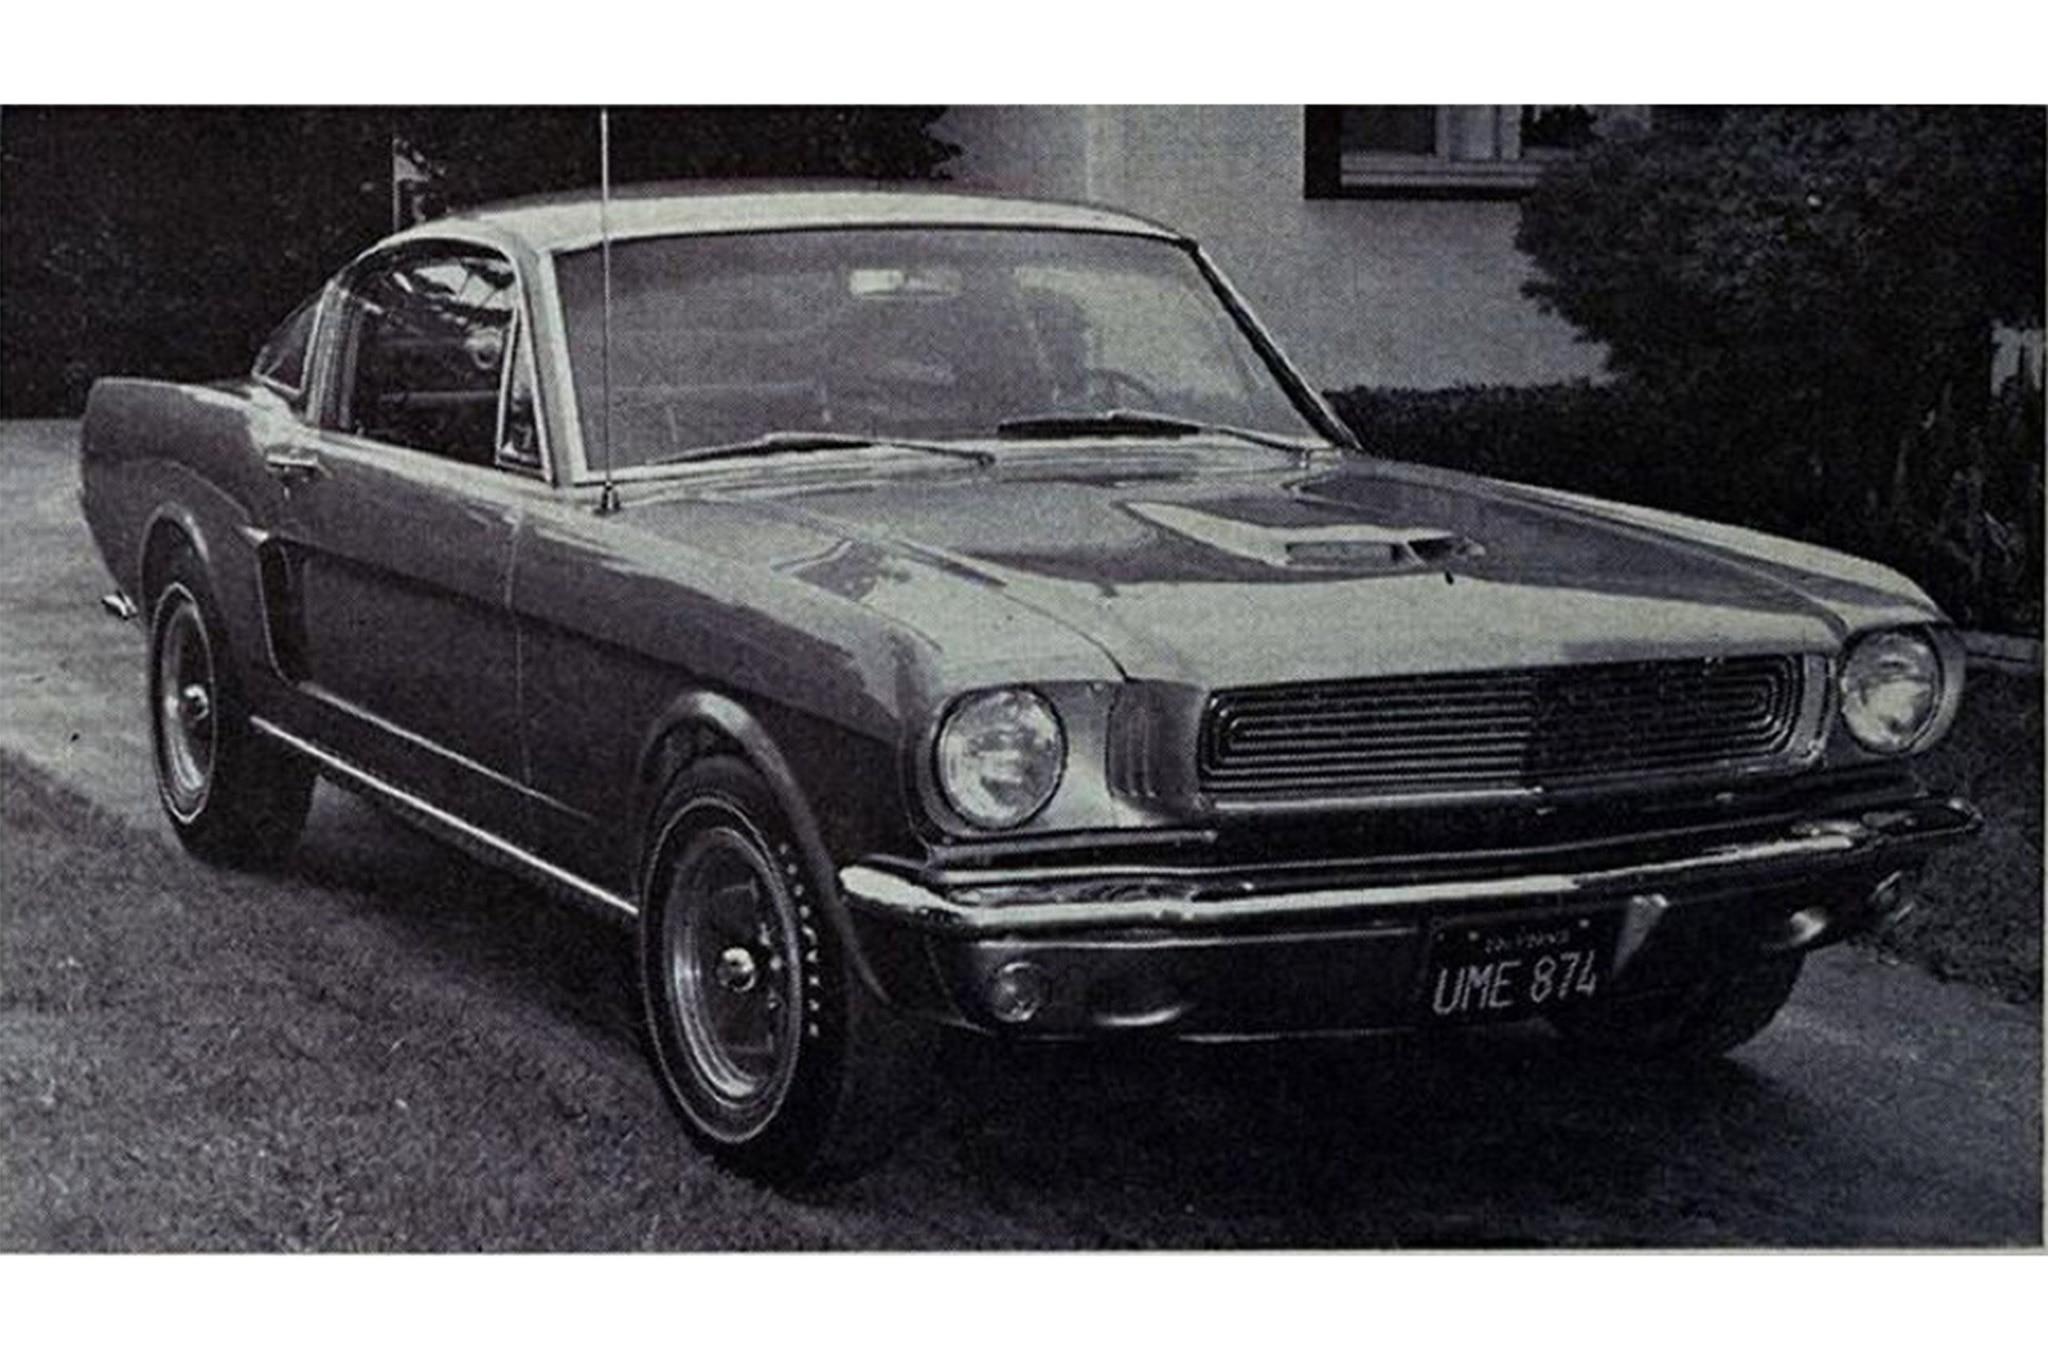 001 9 Coolest Mustangs